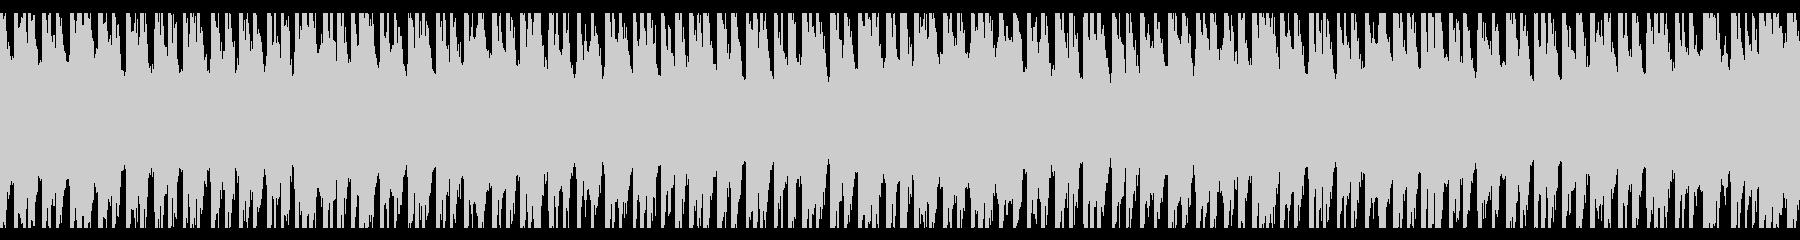 ハッピーサニーデイズ(ループ)の未再生の波形